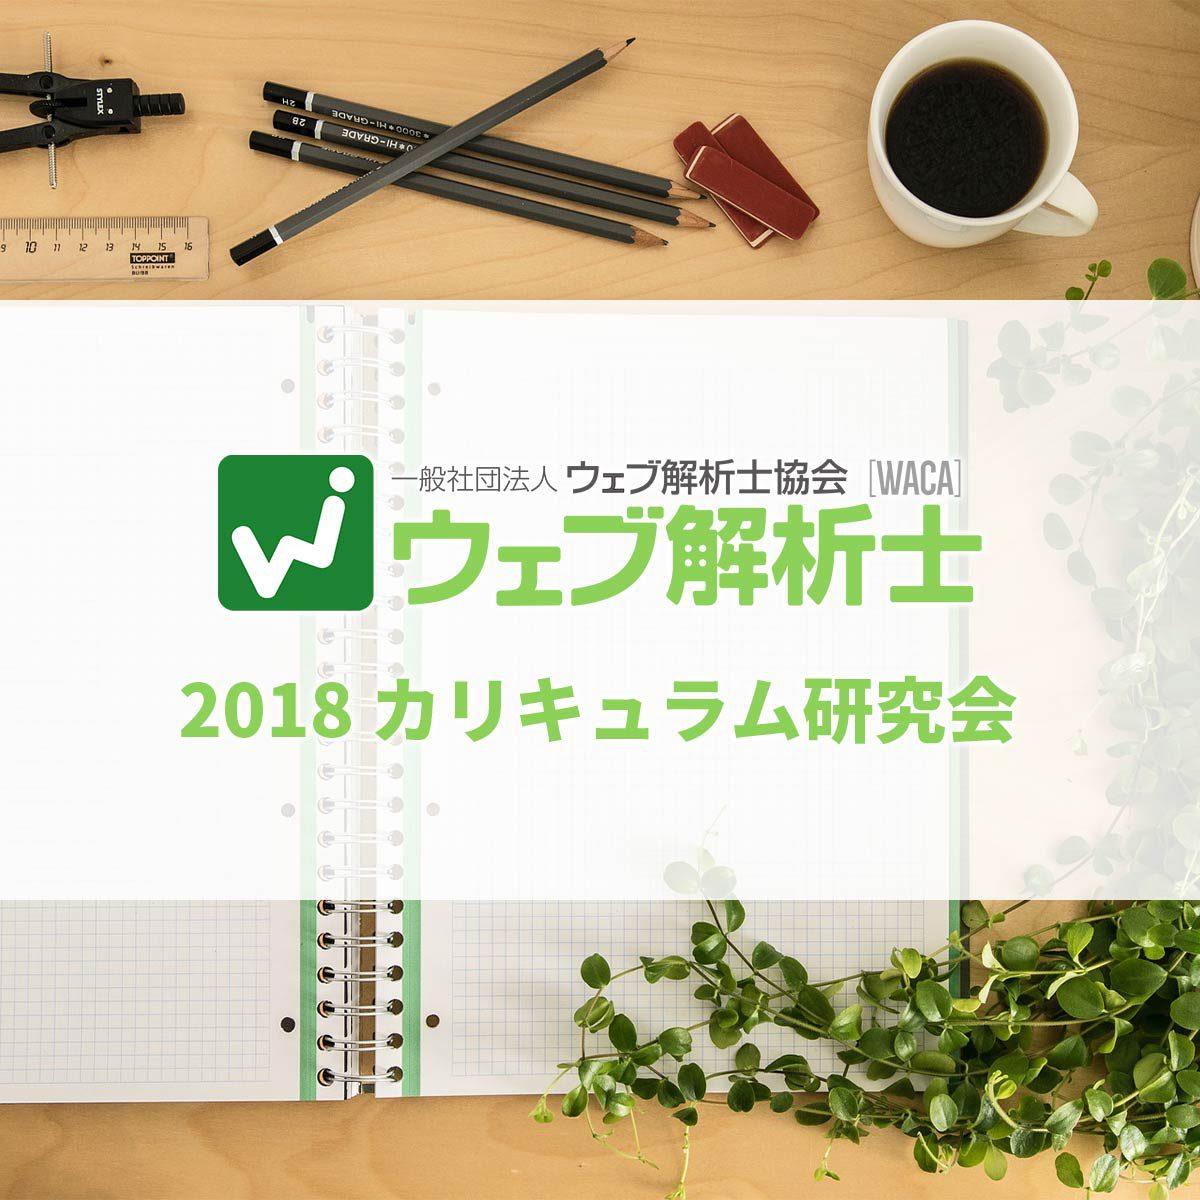 【11月報告】2018年ウェブ解析士カリキュラム研究会のアイキャッチ画像